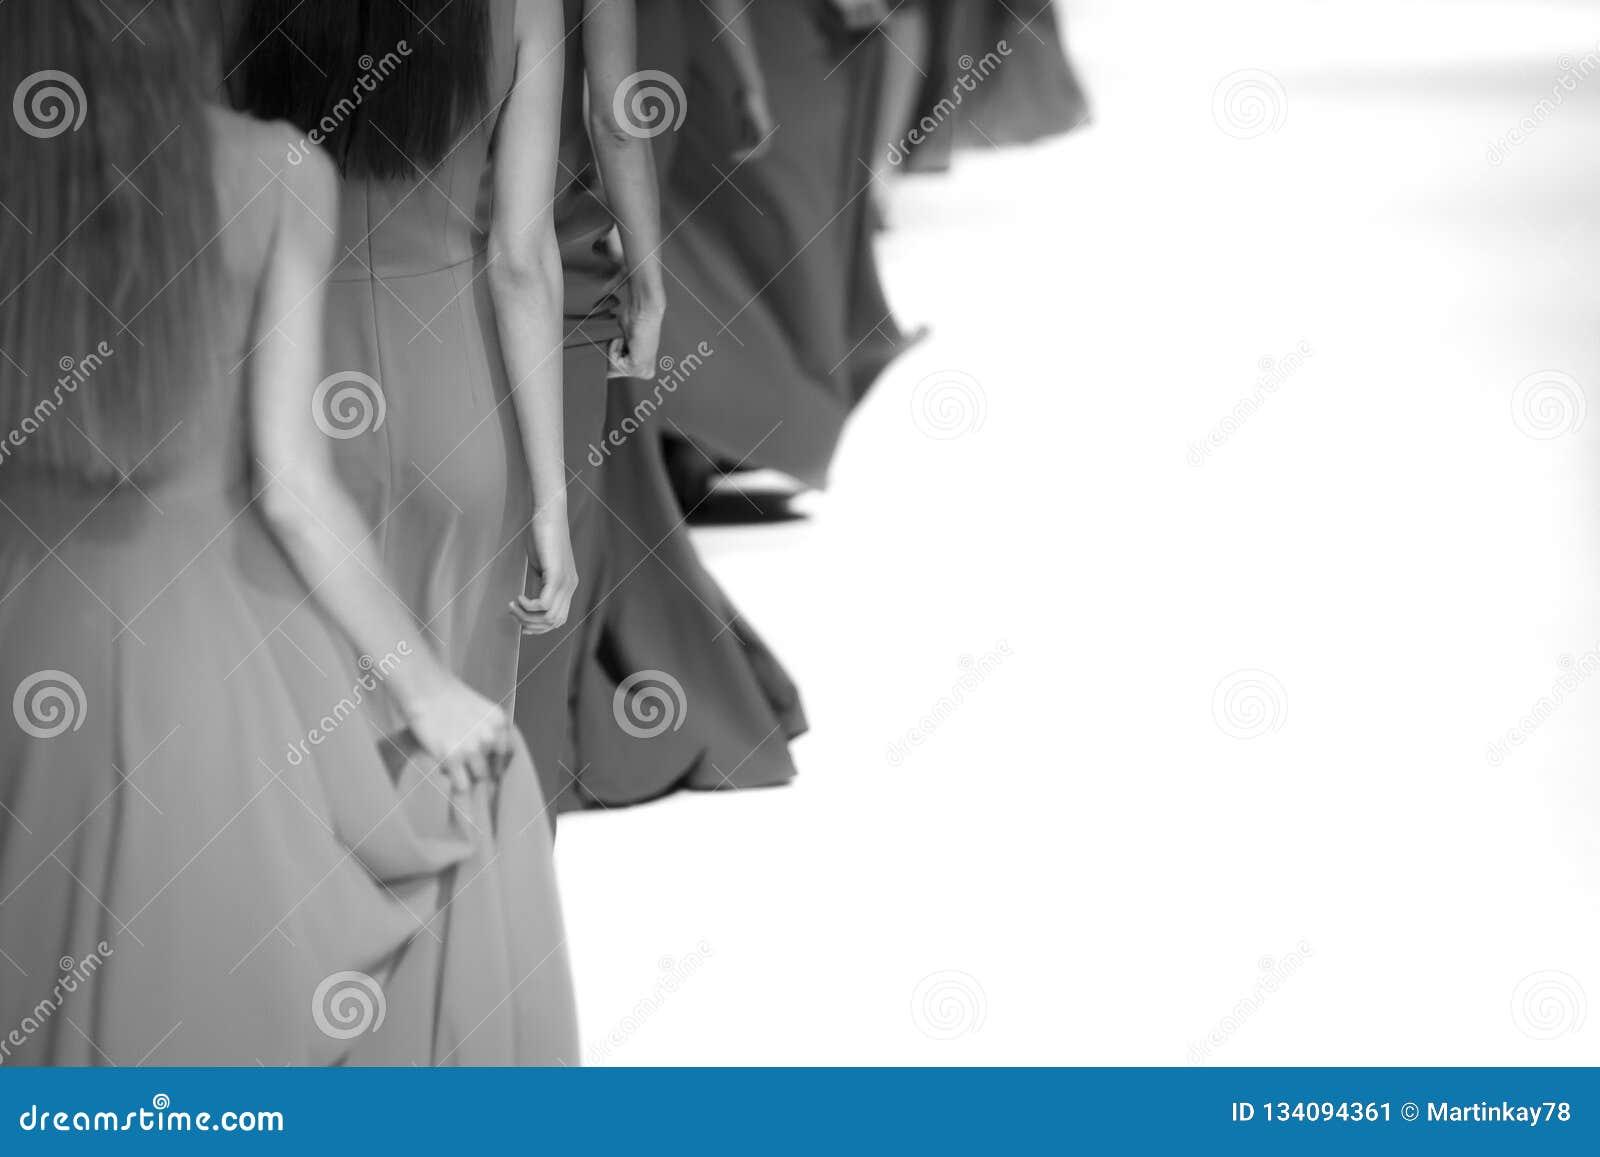 Themenorientiertes Foto der Modeschau